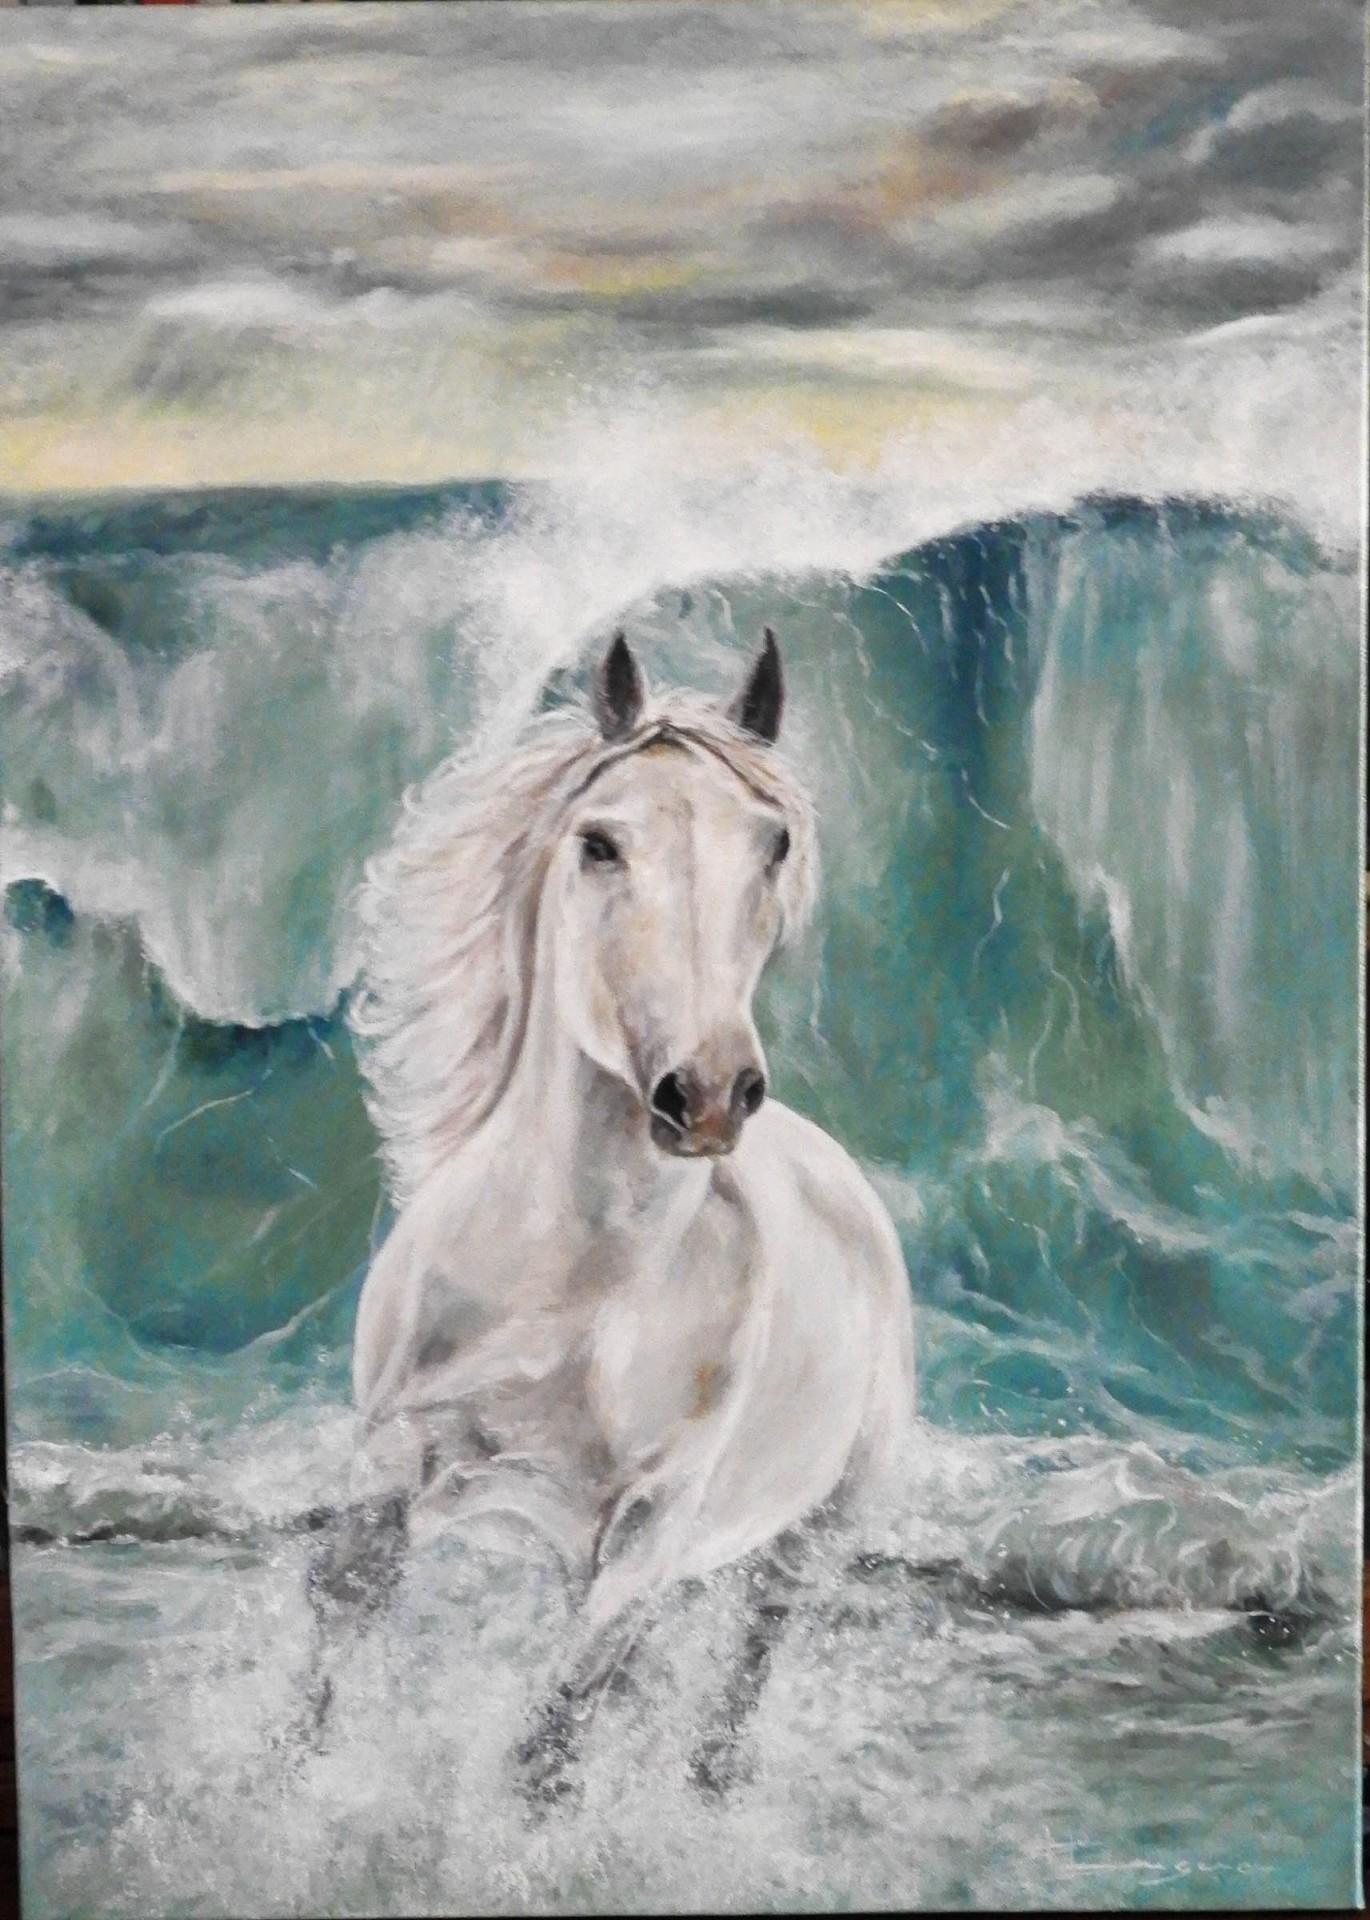 le cheval blanc et la vague